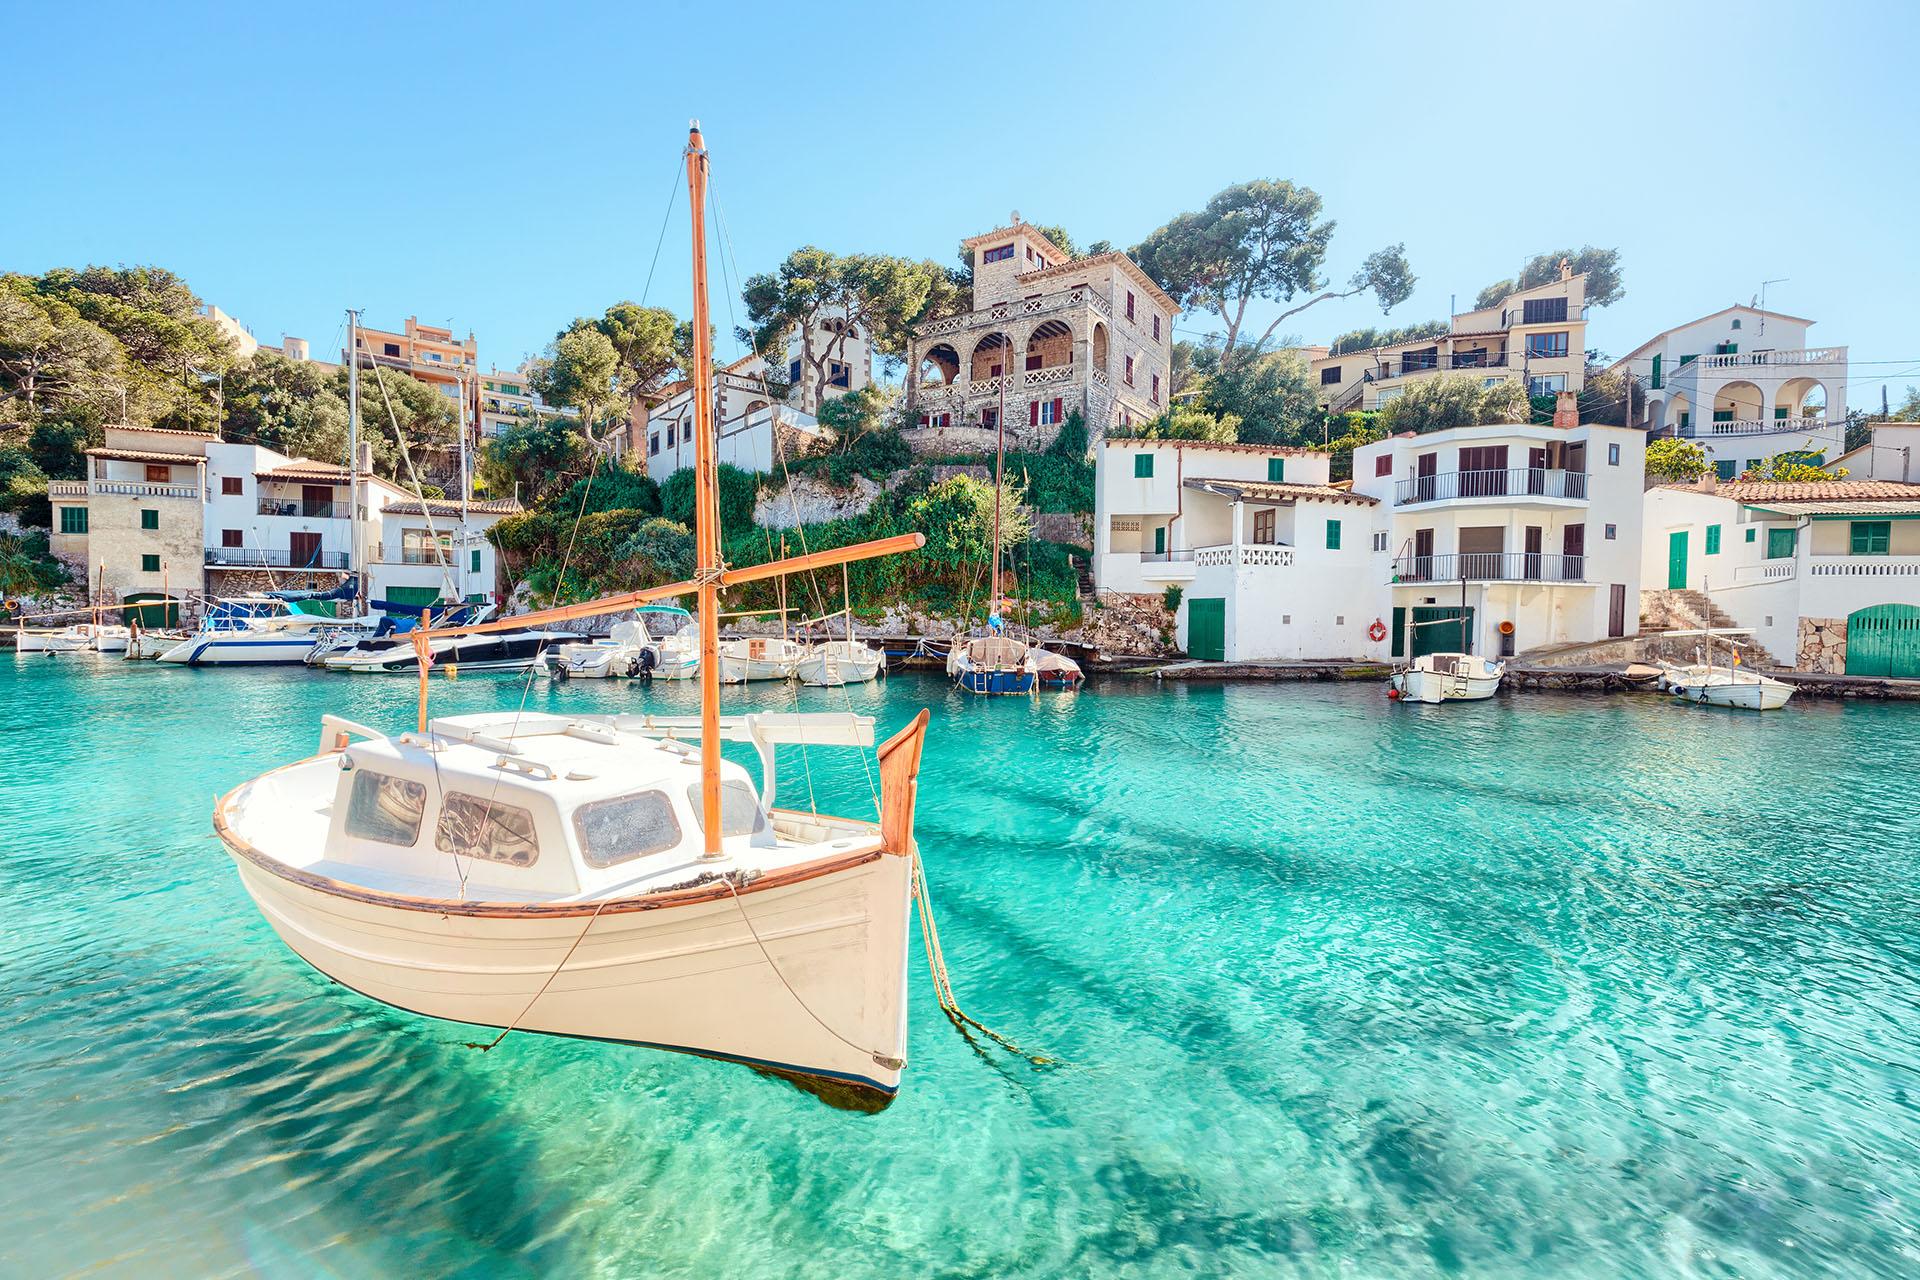 En güzel ispanyol adalarından Mallorca